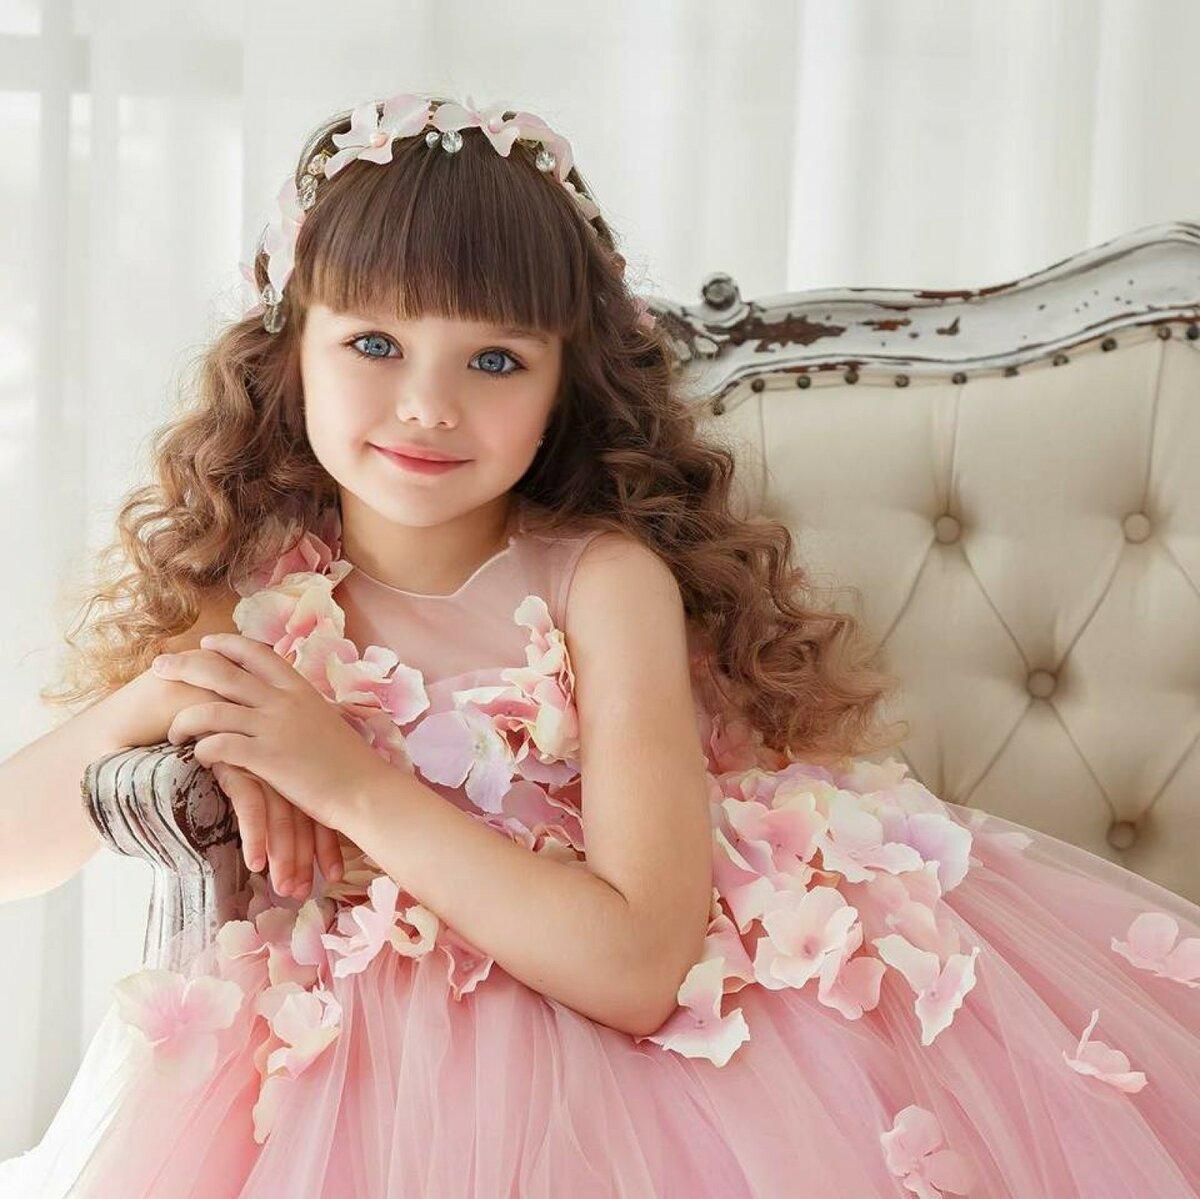 Сентября, красивые фото маленьких девочек